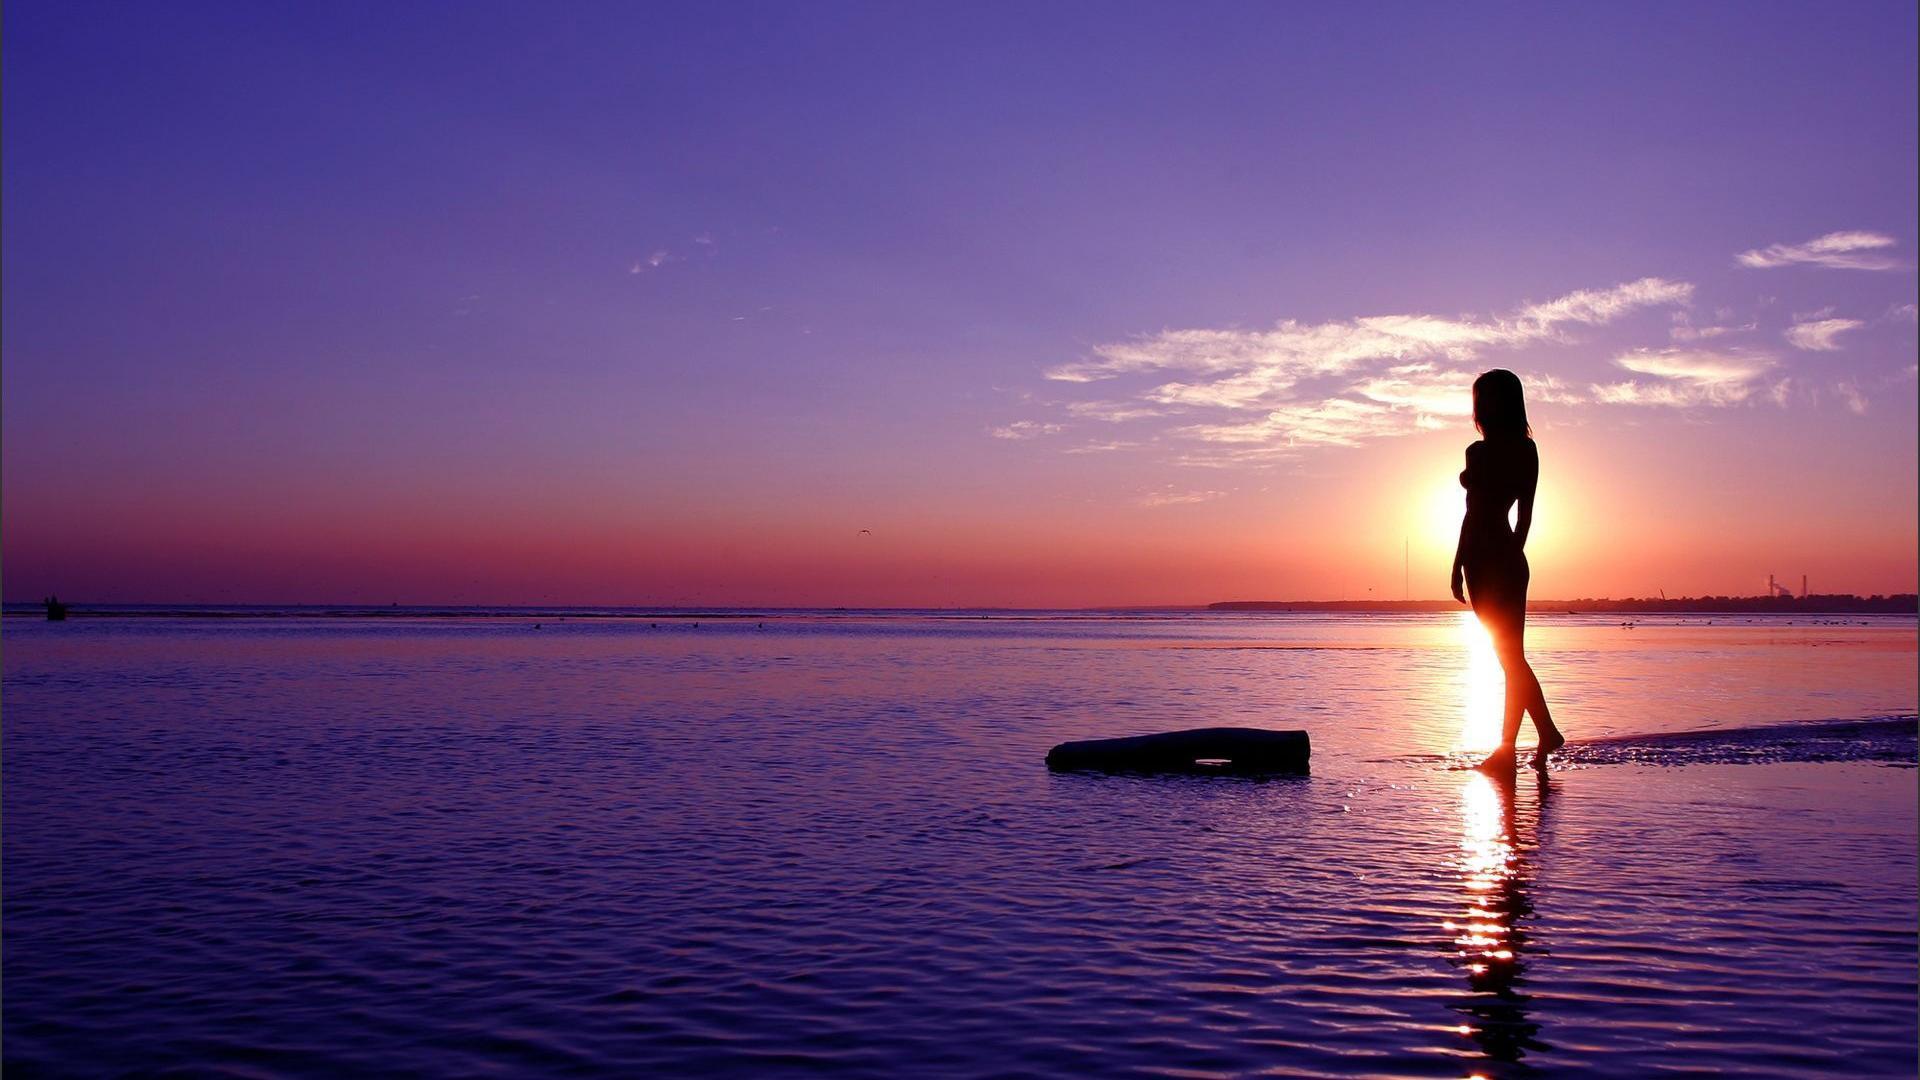 девушка на берегу в закате